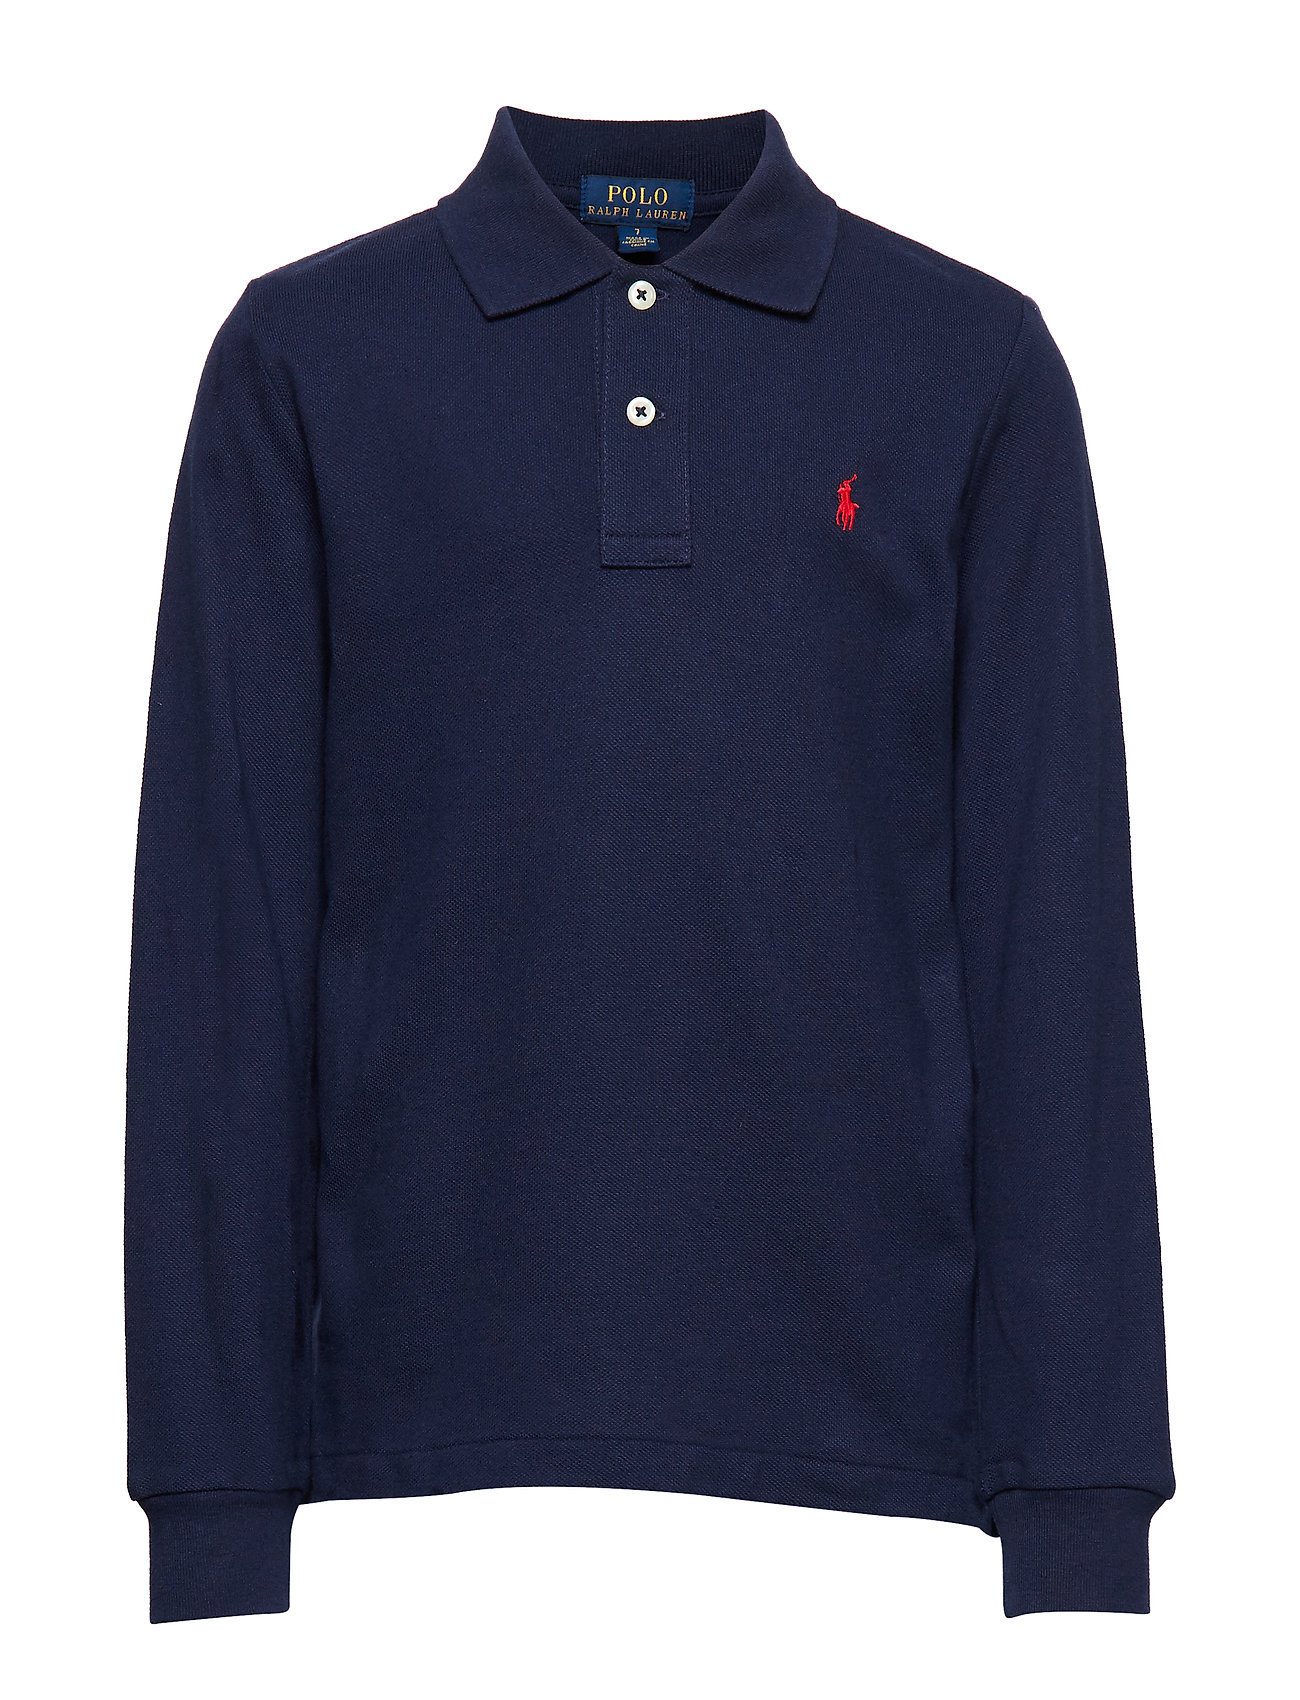 Ralph Lauren Kids Cotton Mesh Polo Shirt - NEWPORT NAVY